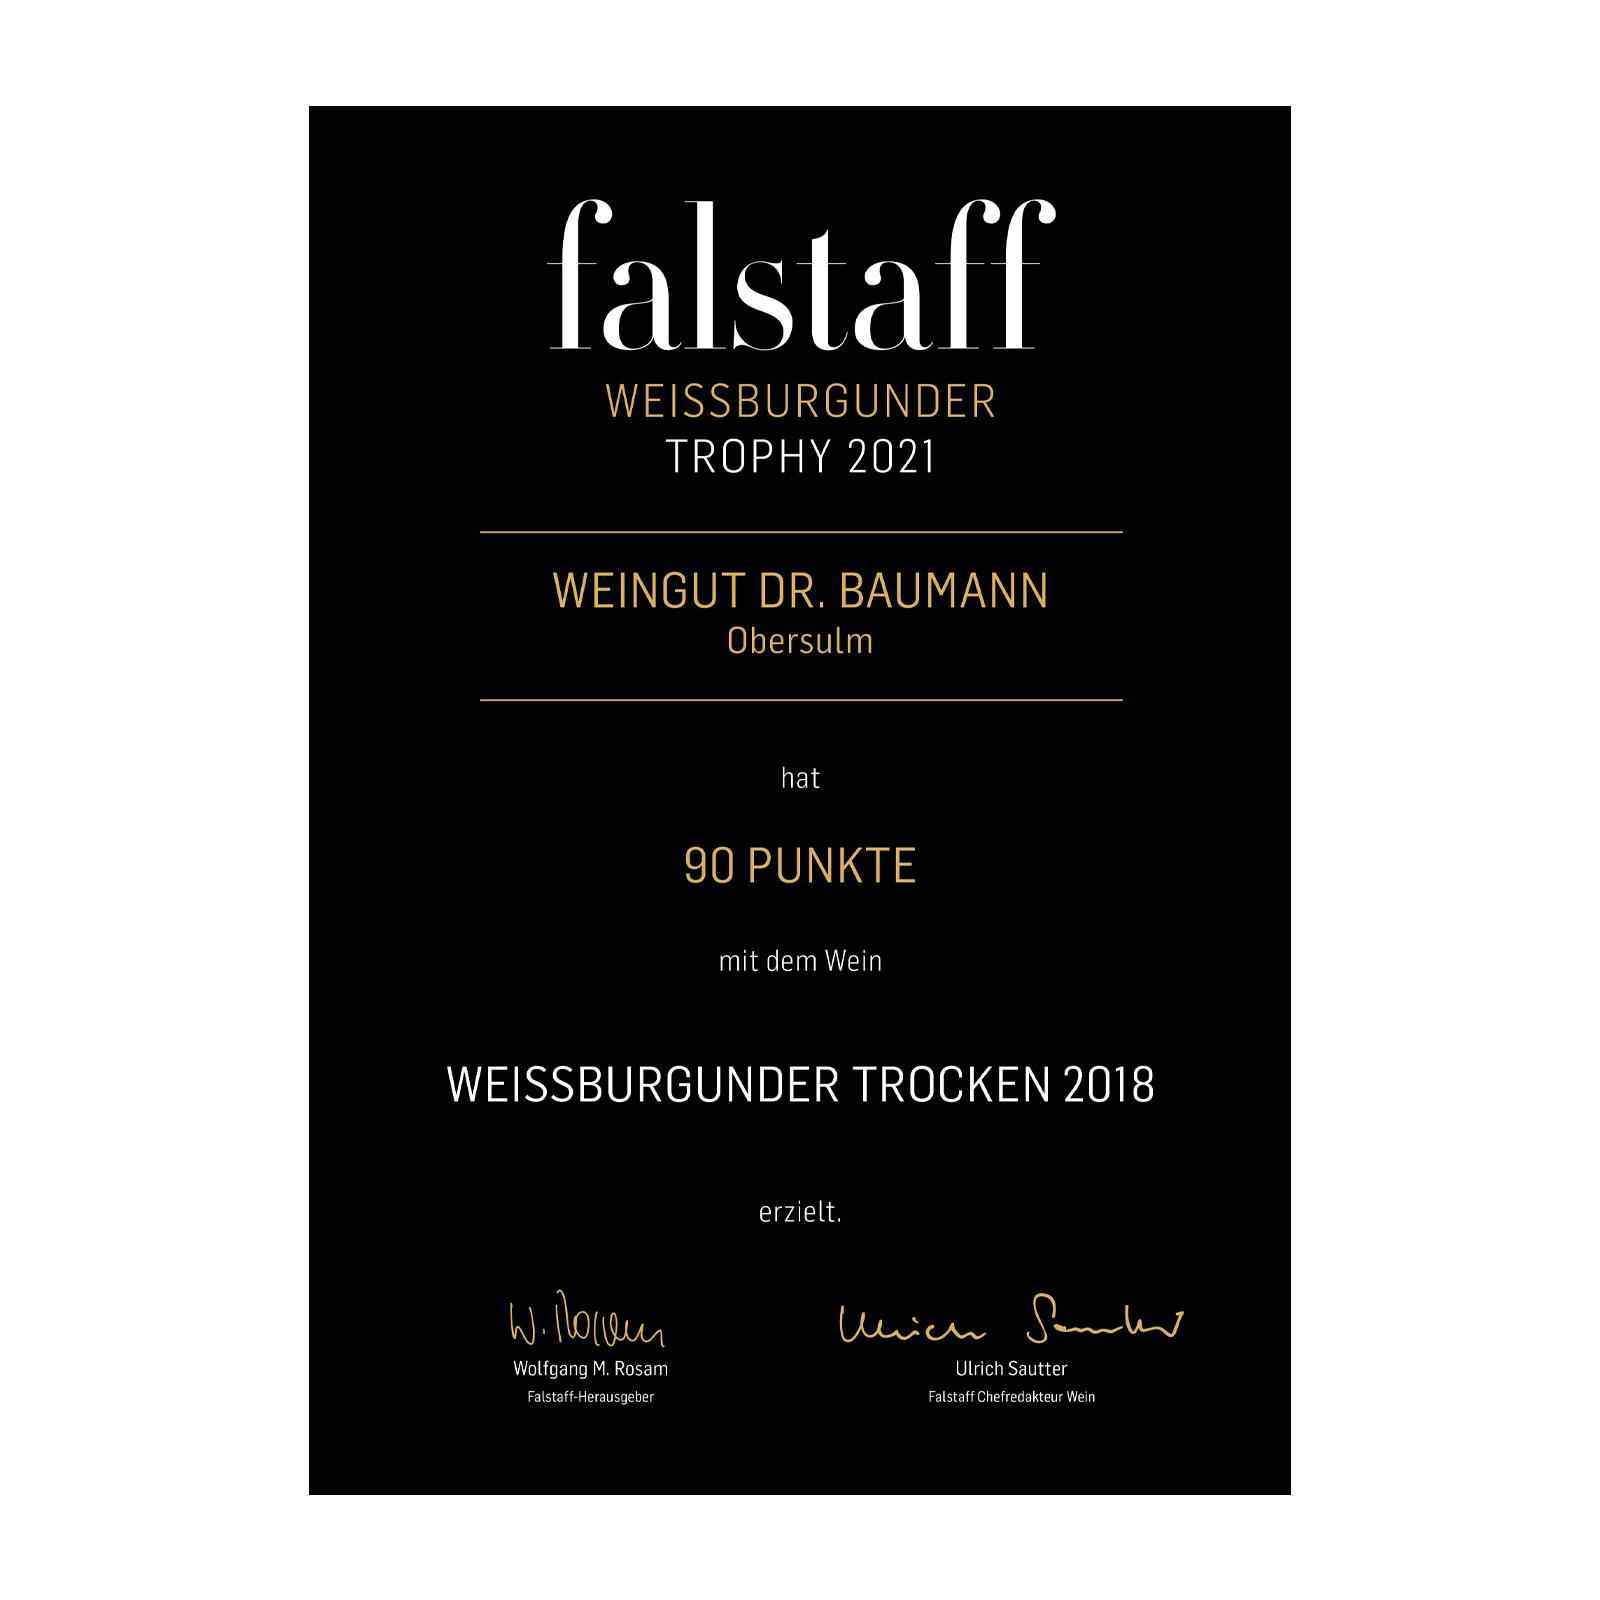 Fallstaf_Urkunde_Weissburgunder